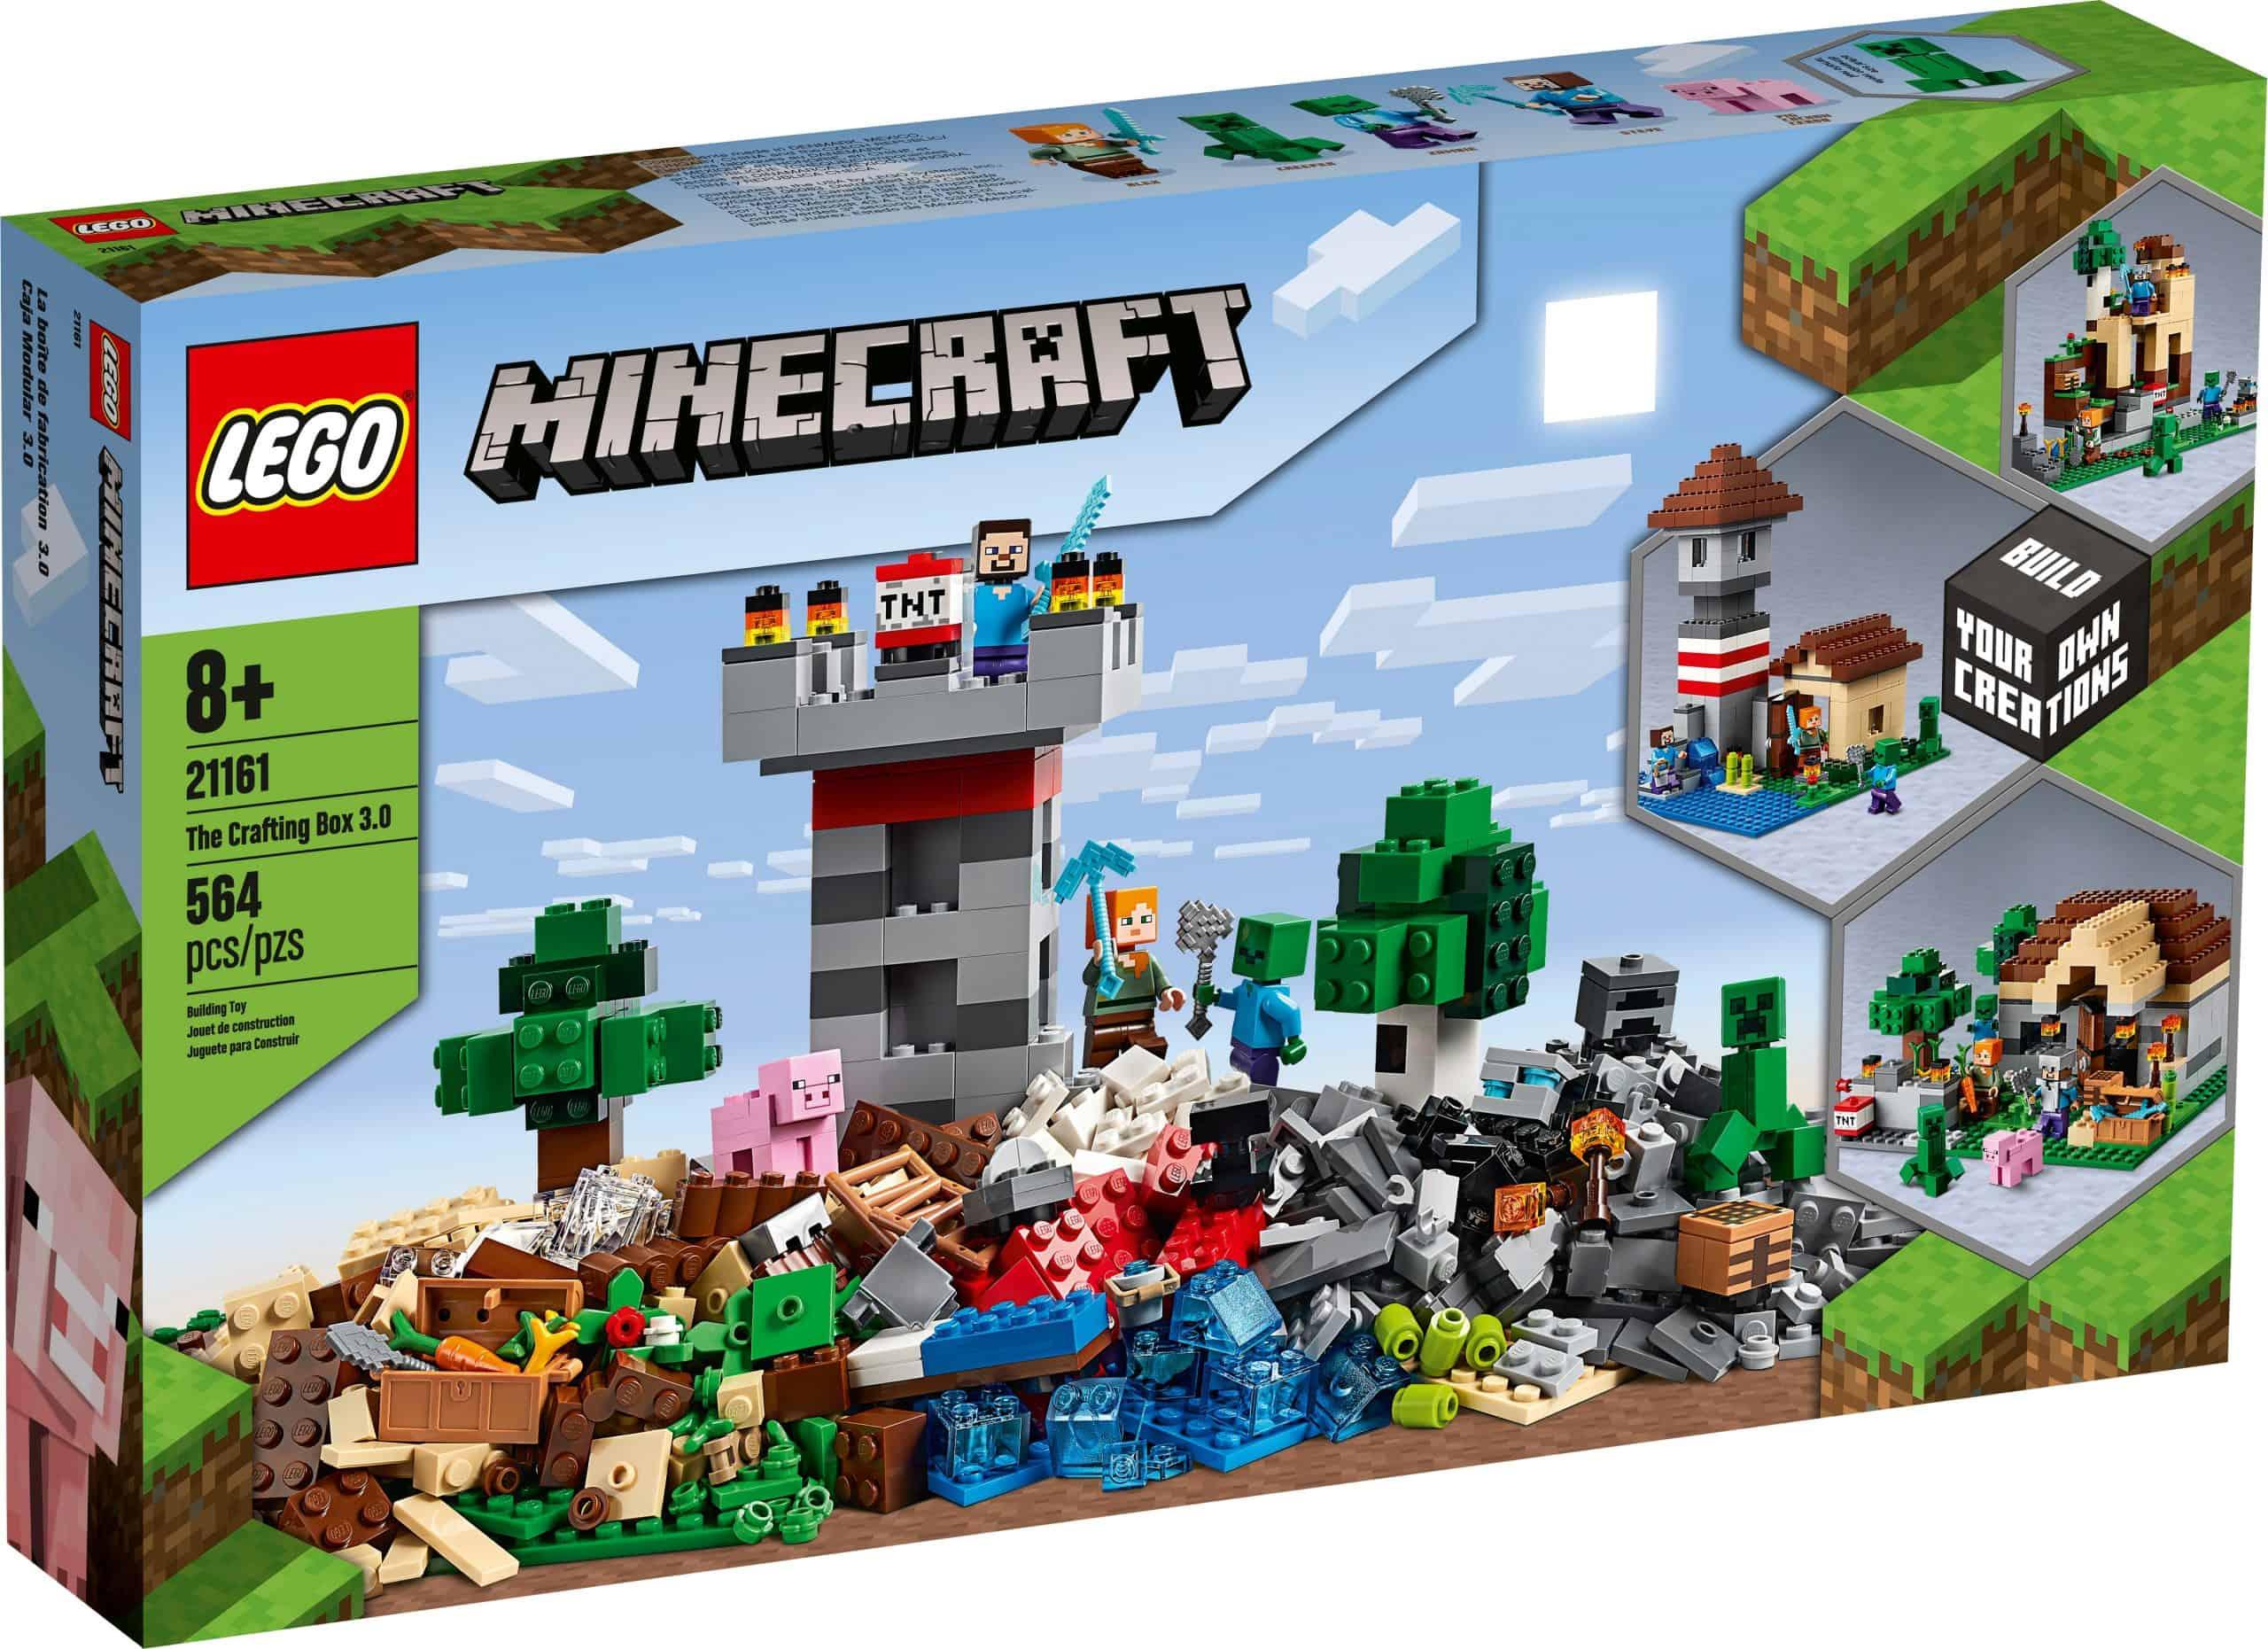 lego 21161 die crafting box 3 0 scaled